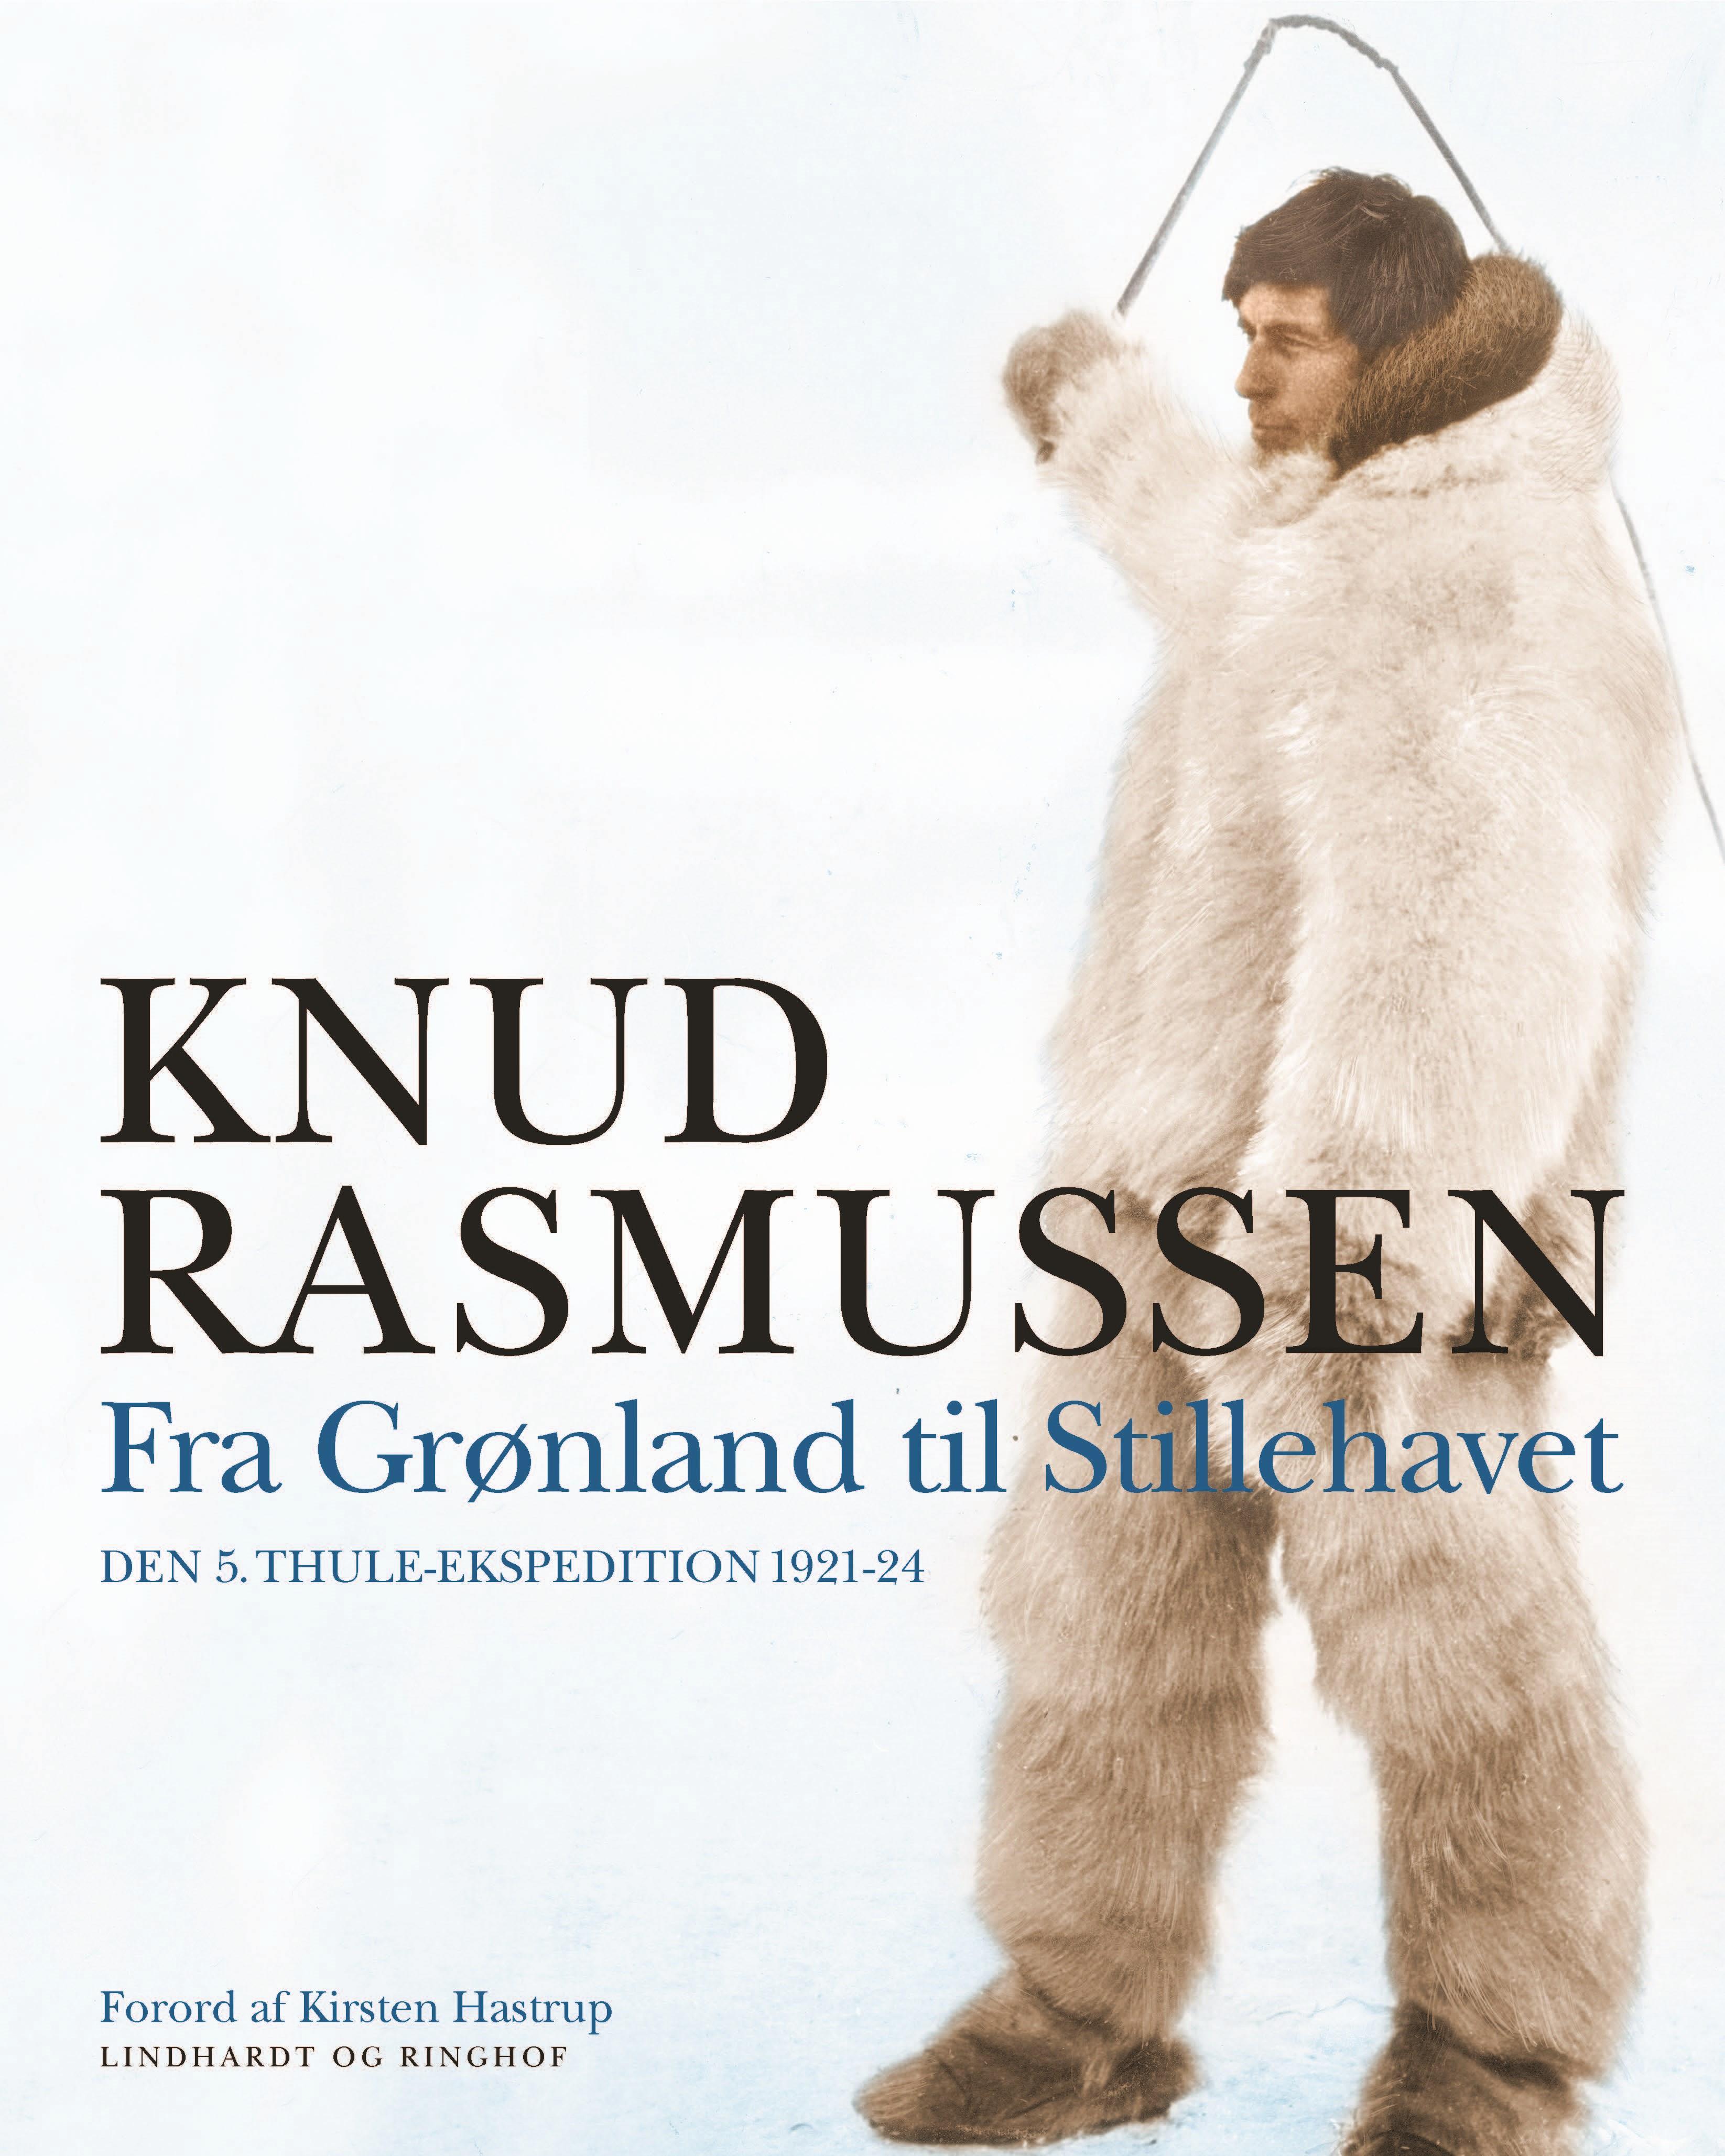 Fra Grønland til Stillehavet - Knud Rasmussen - Bøger - Lindhardt og Ringhof - 9788711989371 - 27/11-2020